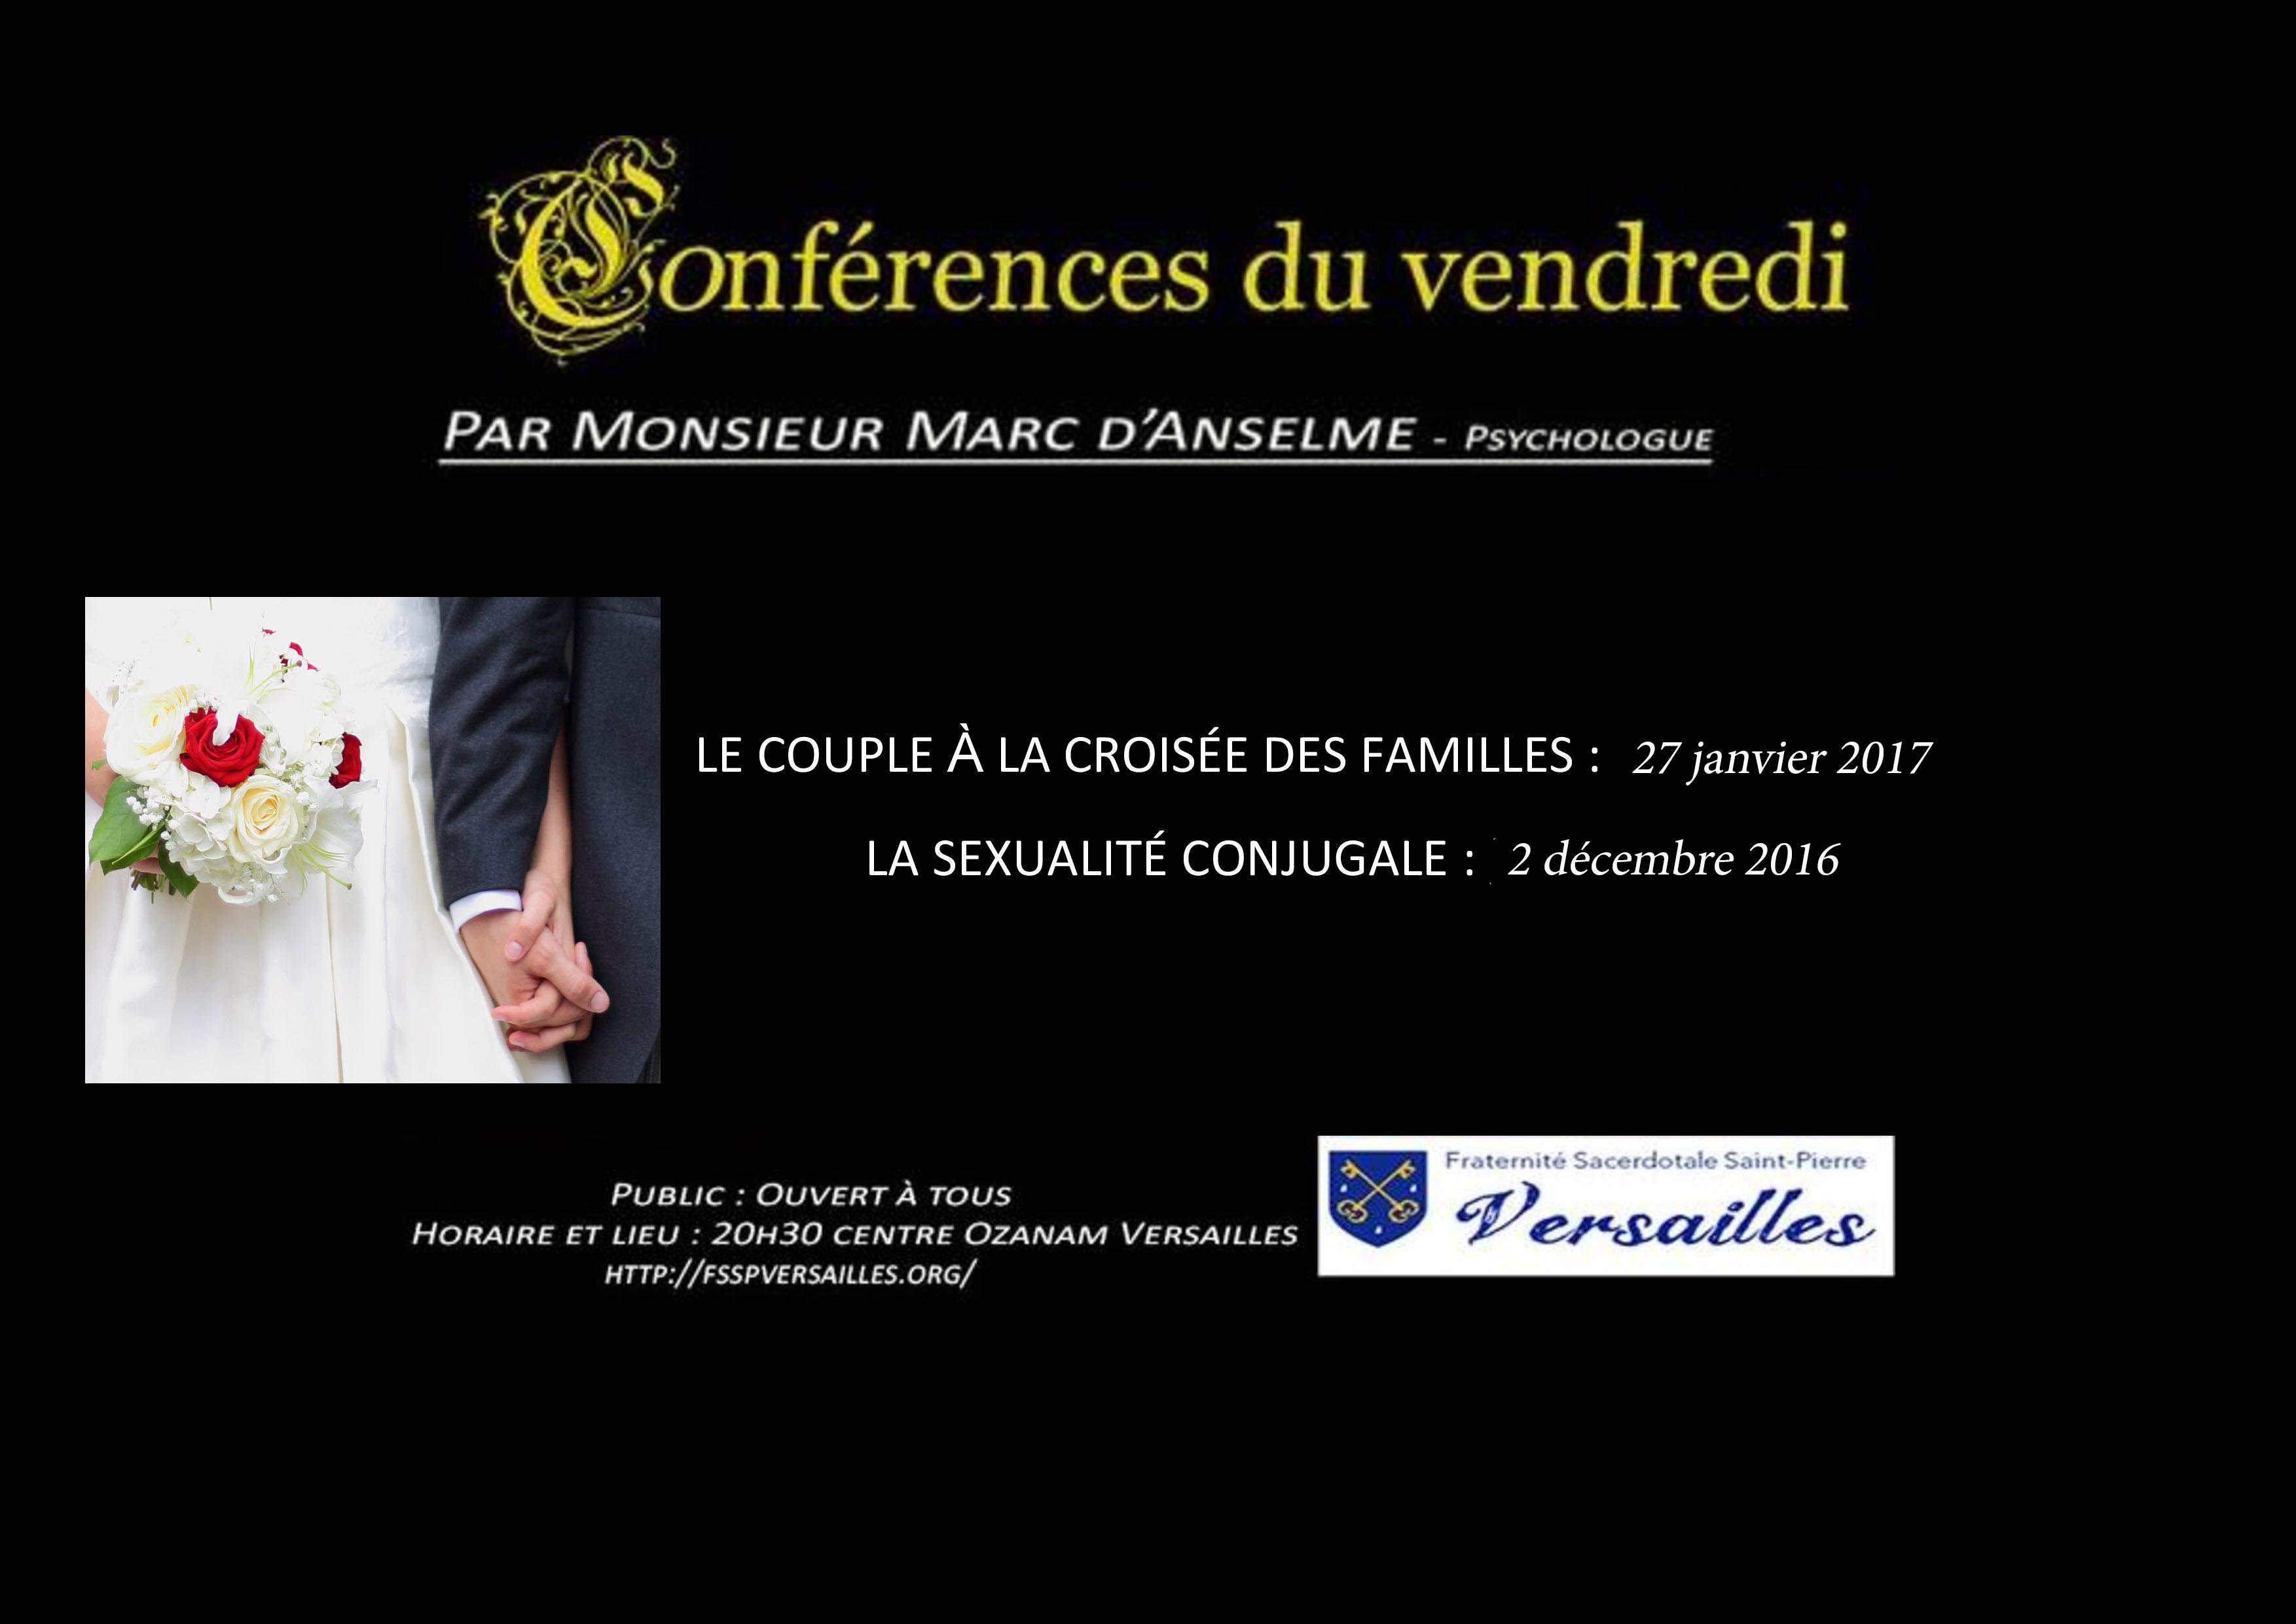 conférences-2016